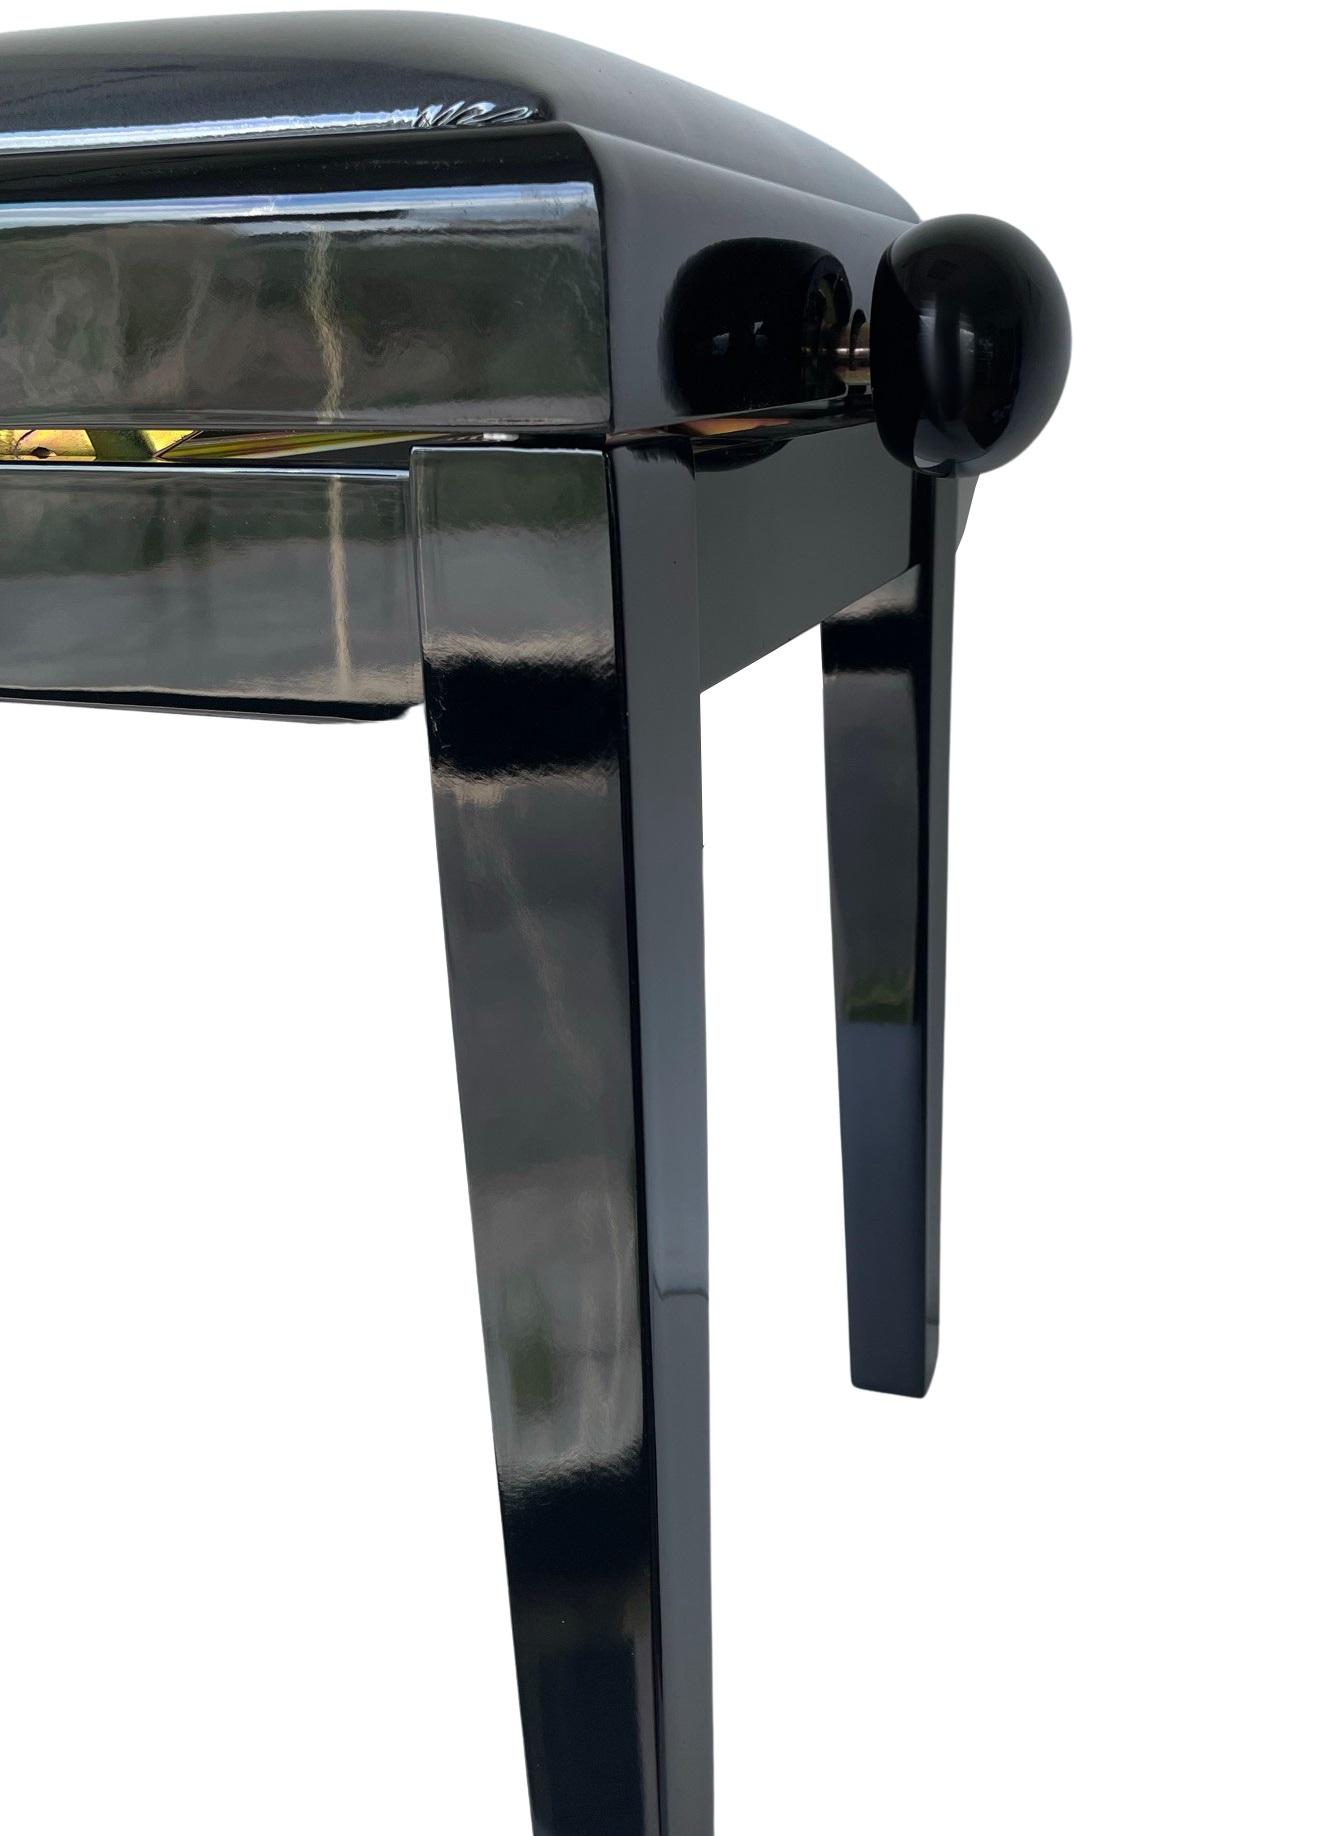 EXTREME PB100BK BLACK PIANO BENCH PANCHETTA PER PIANOFORTE IN LEGNO FINITURA NERA LUCIDA 2